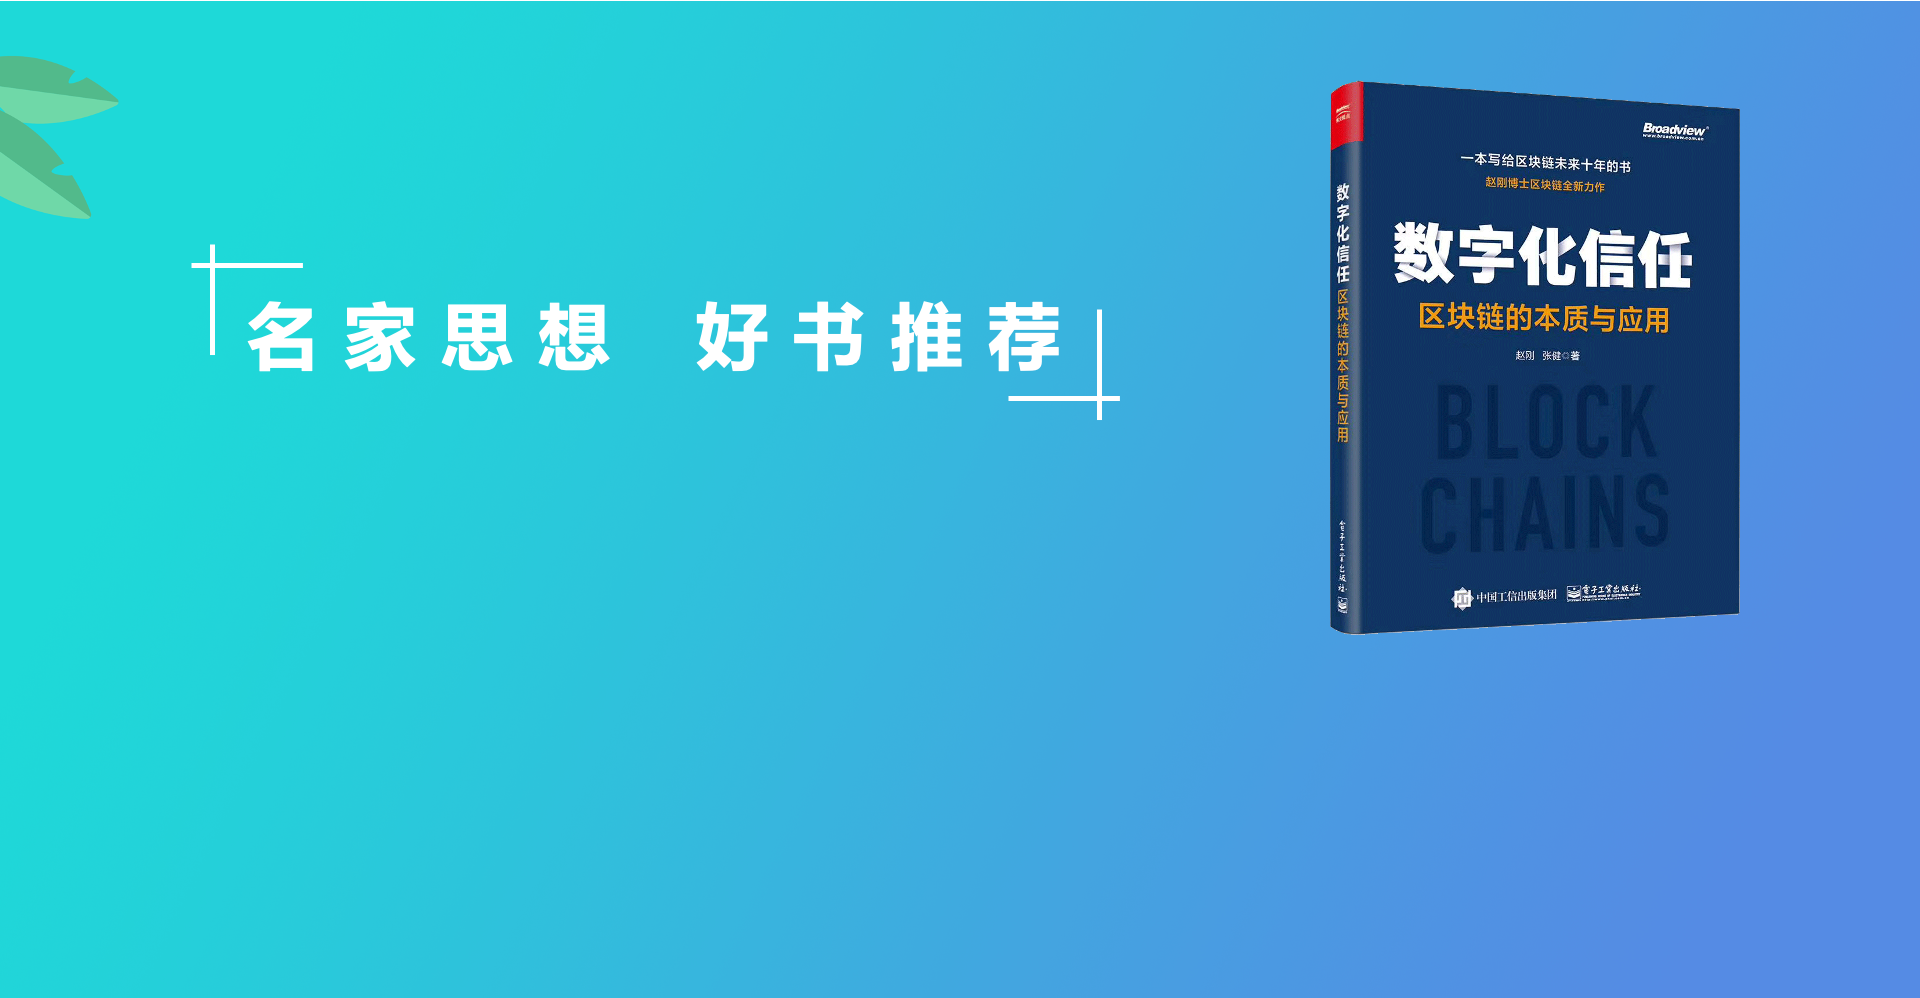 """【名家思想 好书推荐】中国社科院金融研究员周子衡:基于区块链技术的账户体系能够系统性地提升""""账户—信任""""的关系"""